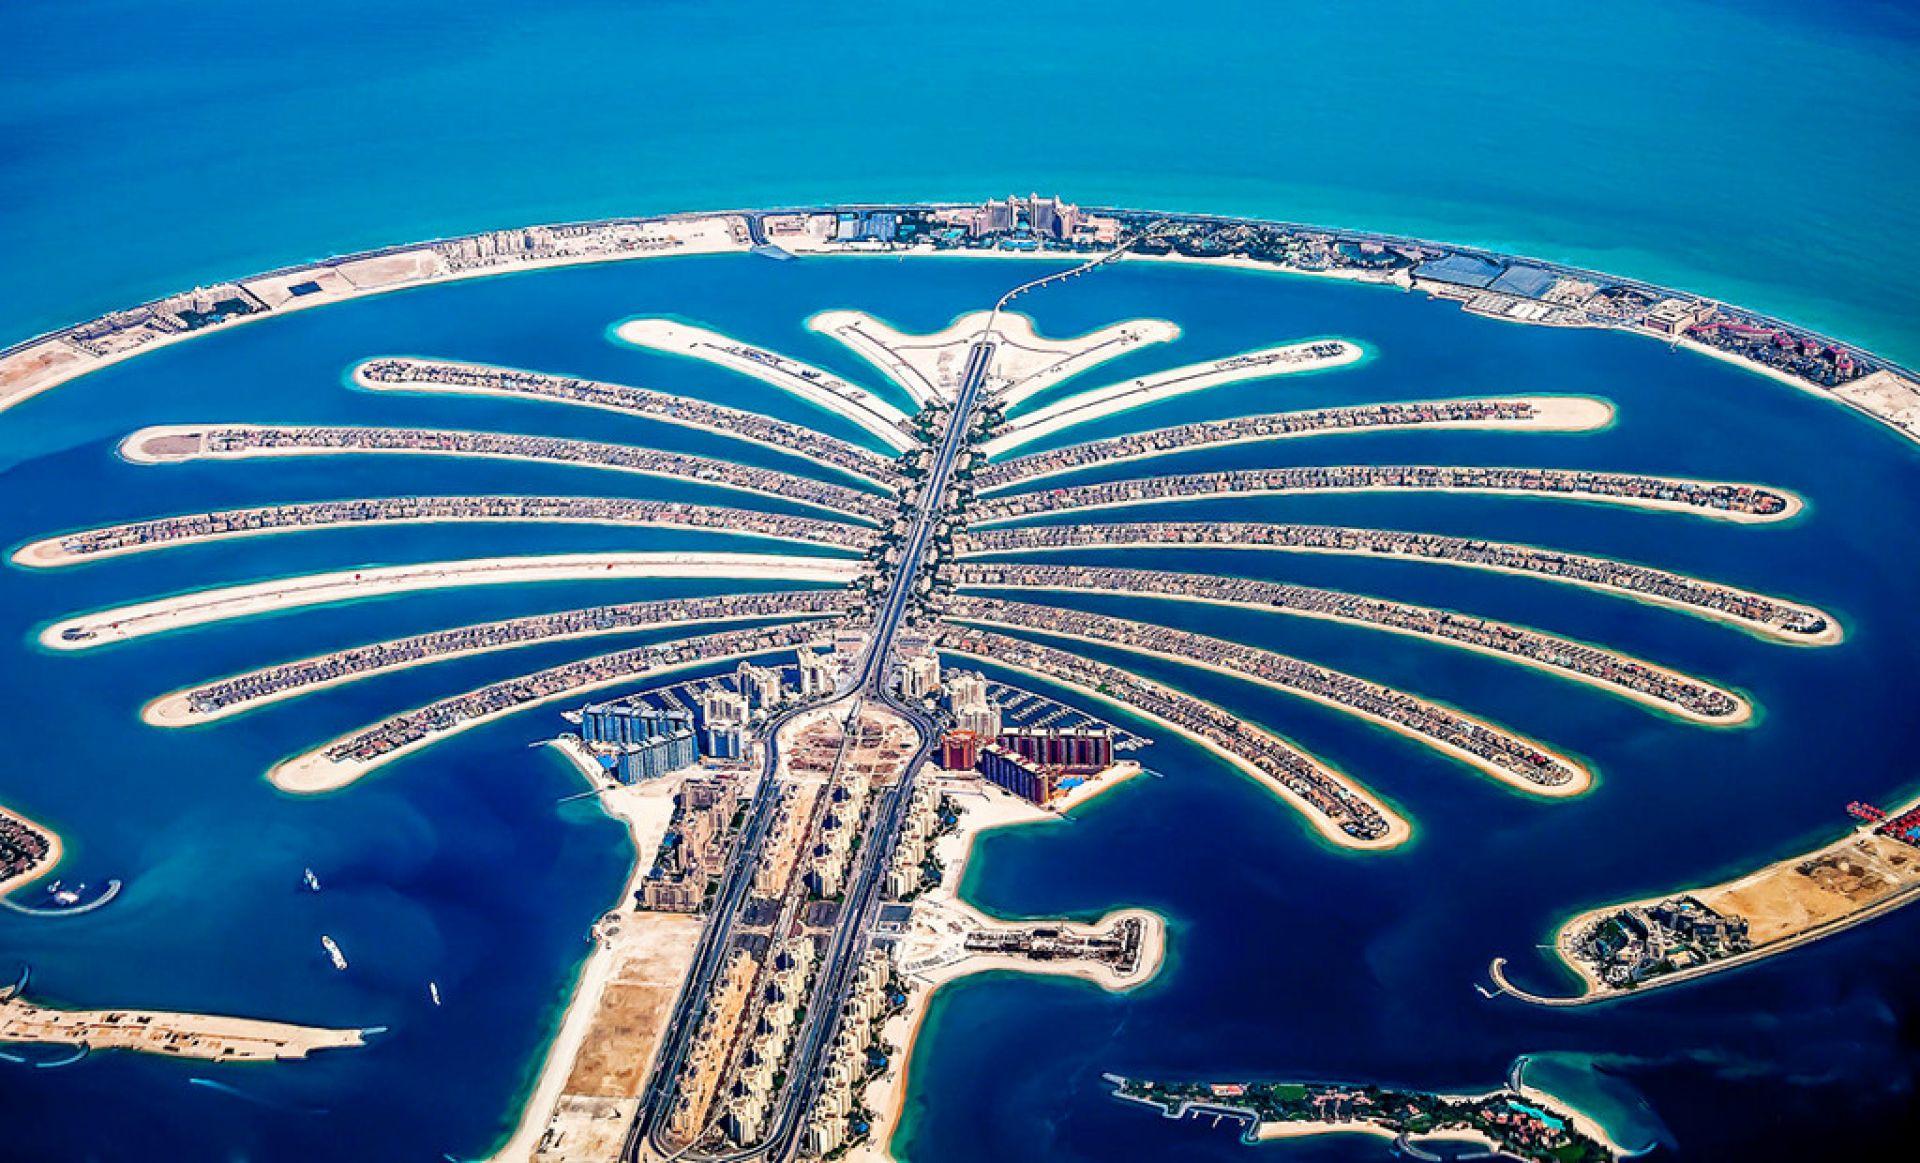 XỨ SỞ NGHÌN LẺ MỘT ĐÊM SINGAPORE – DUBAI – ABU DHABI